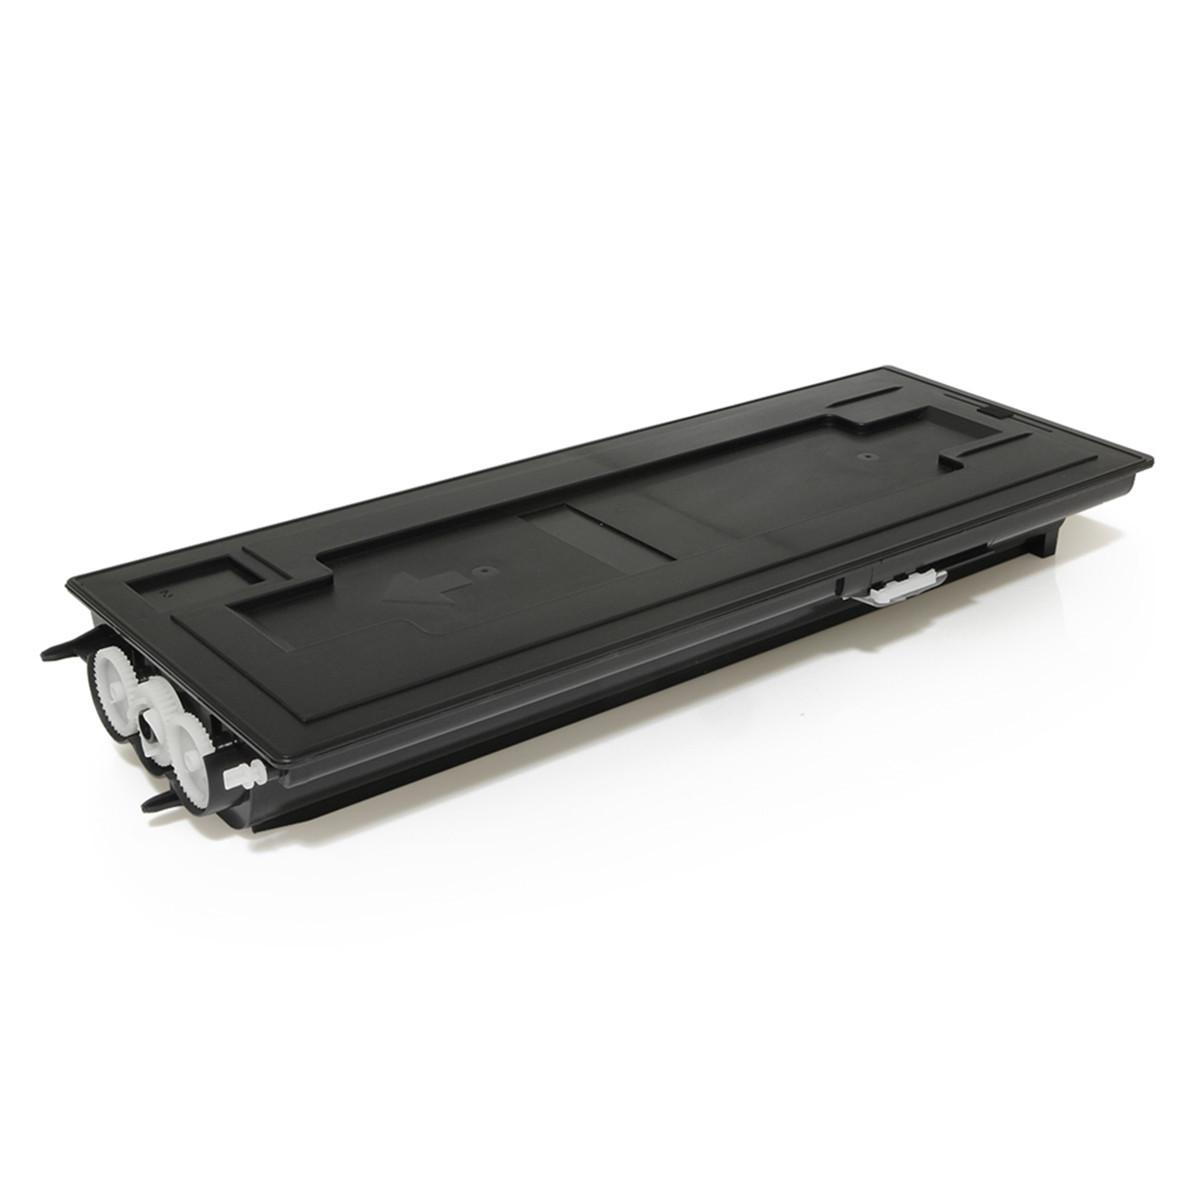 Toner Kyocera Mita 1T02KH0US0 | 370AM011 | TK411 | TK437 | Katun Access